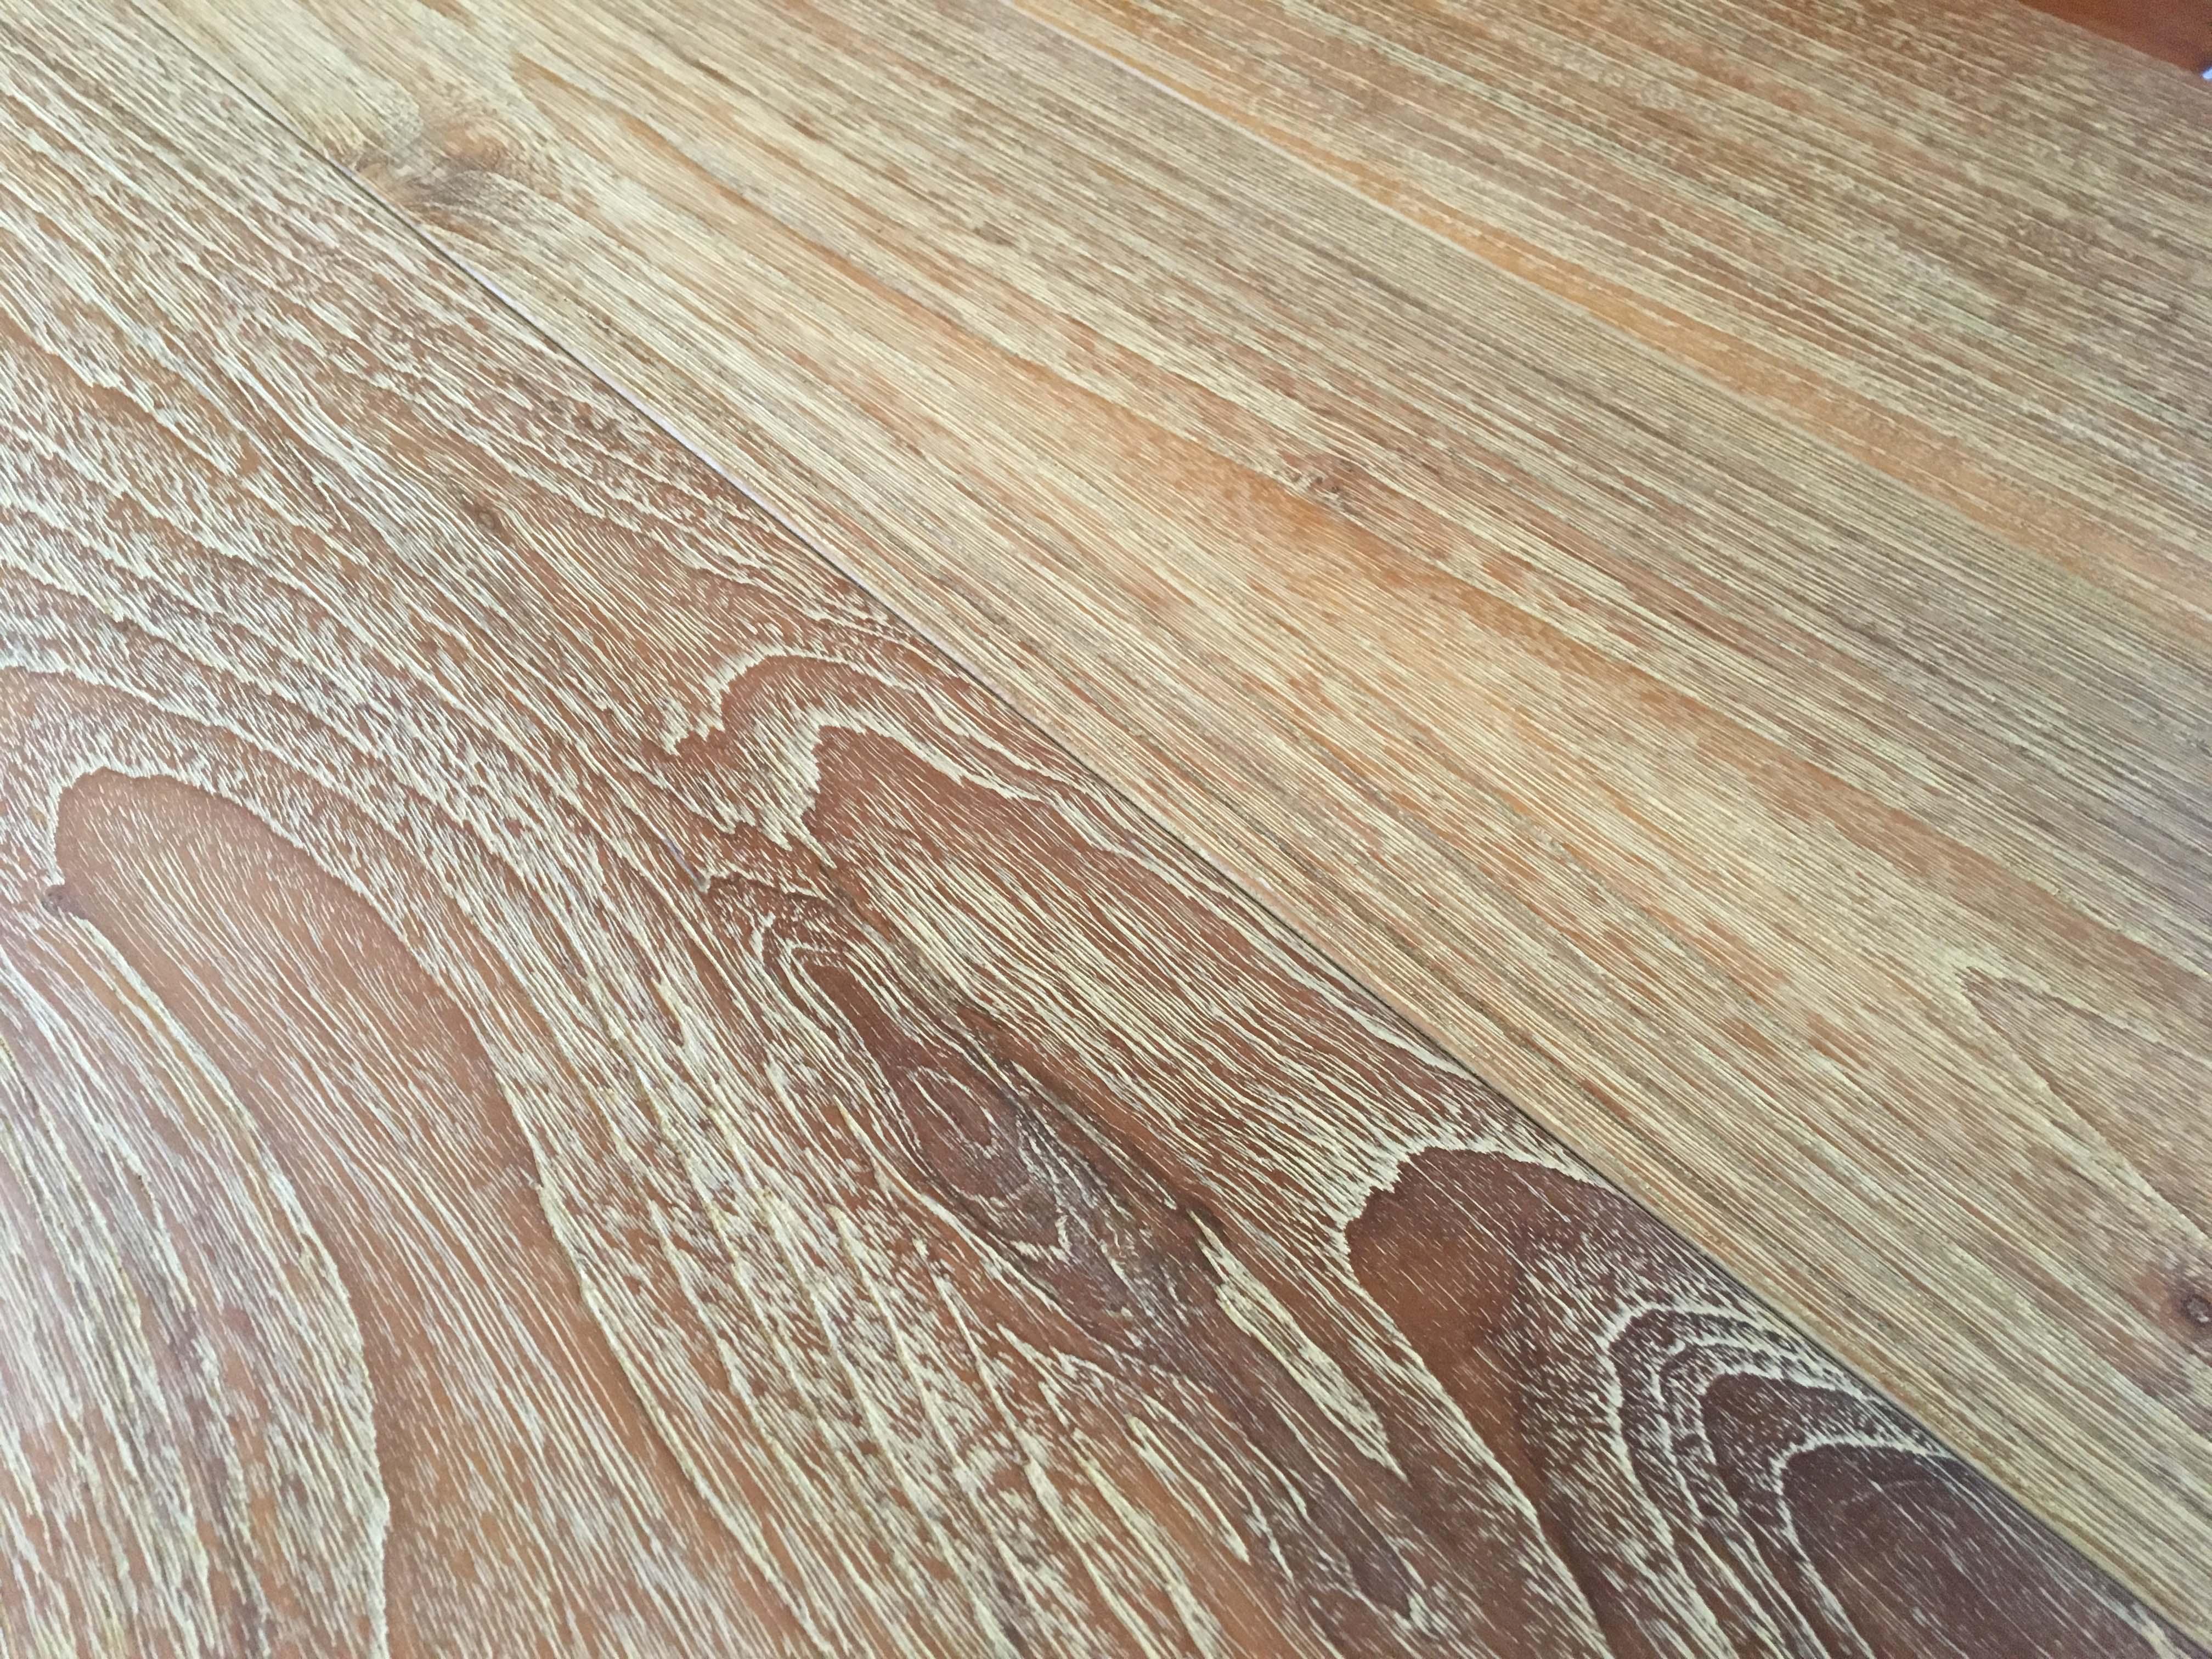 wire brushed flooring - Reclaimed Teak Flooring